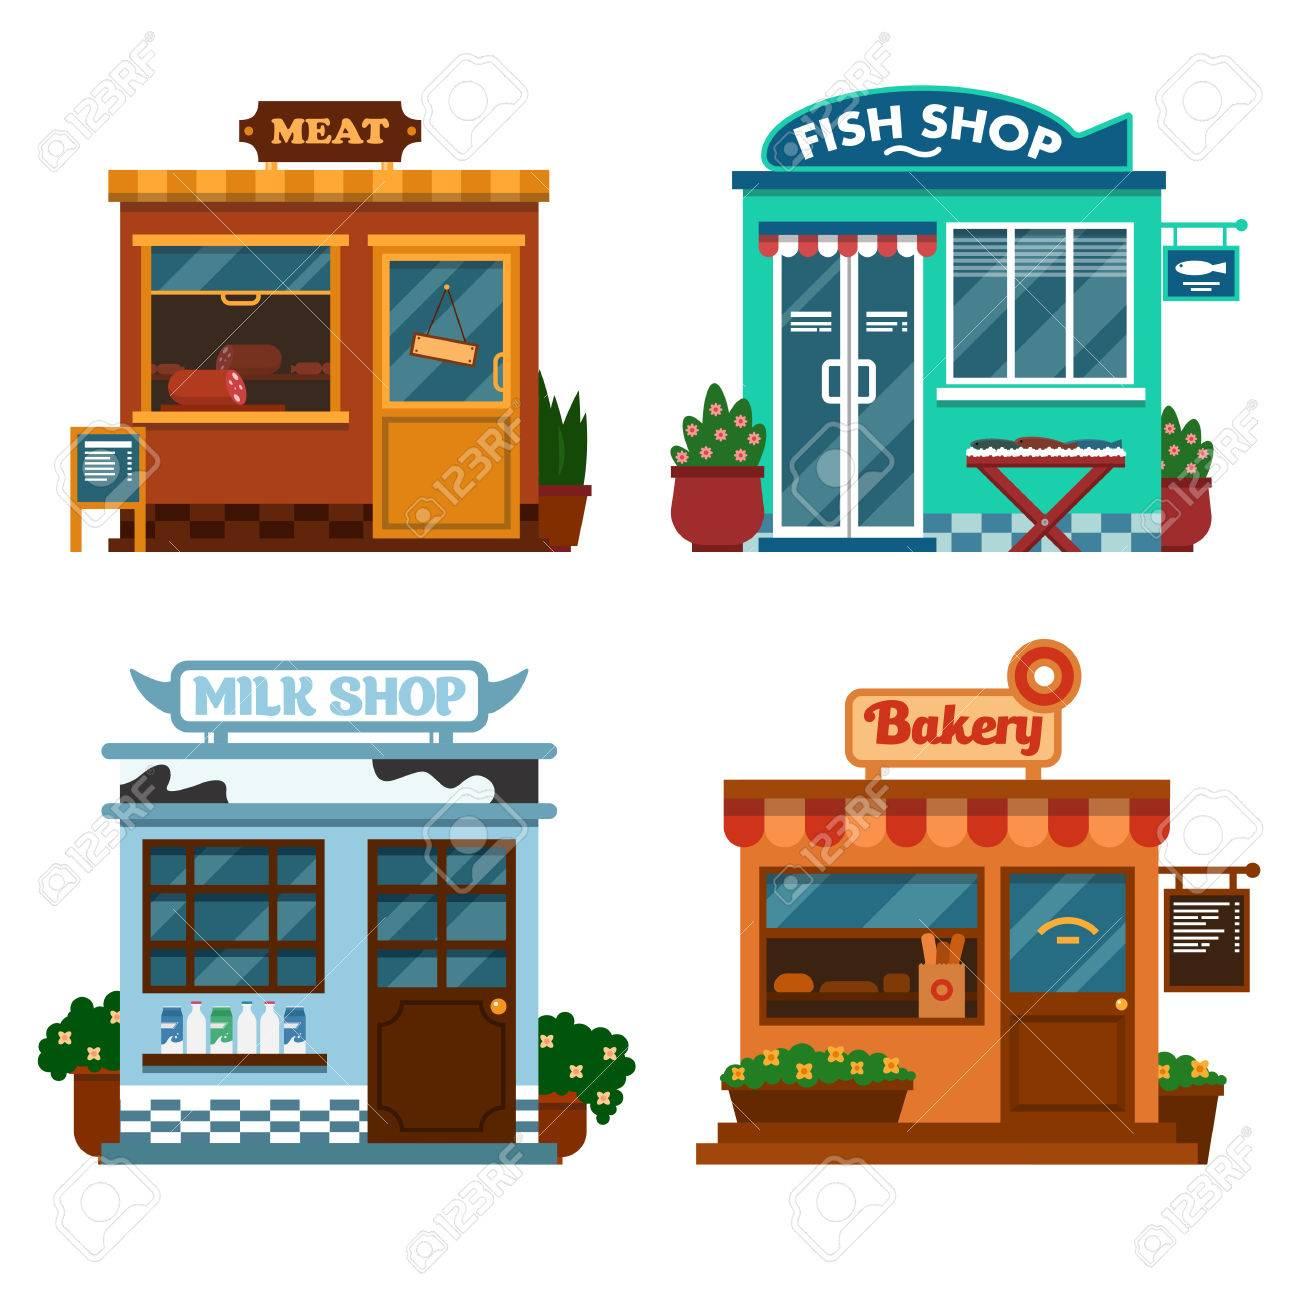 食べ物を買うためのショップにある建物のイラスト ミルクの肉や魚 パン屋さんのお店花と茂み のイラスト素材 ベクタ Image